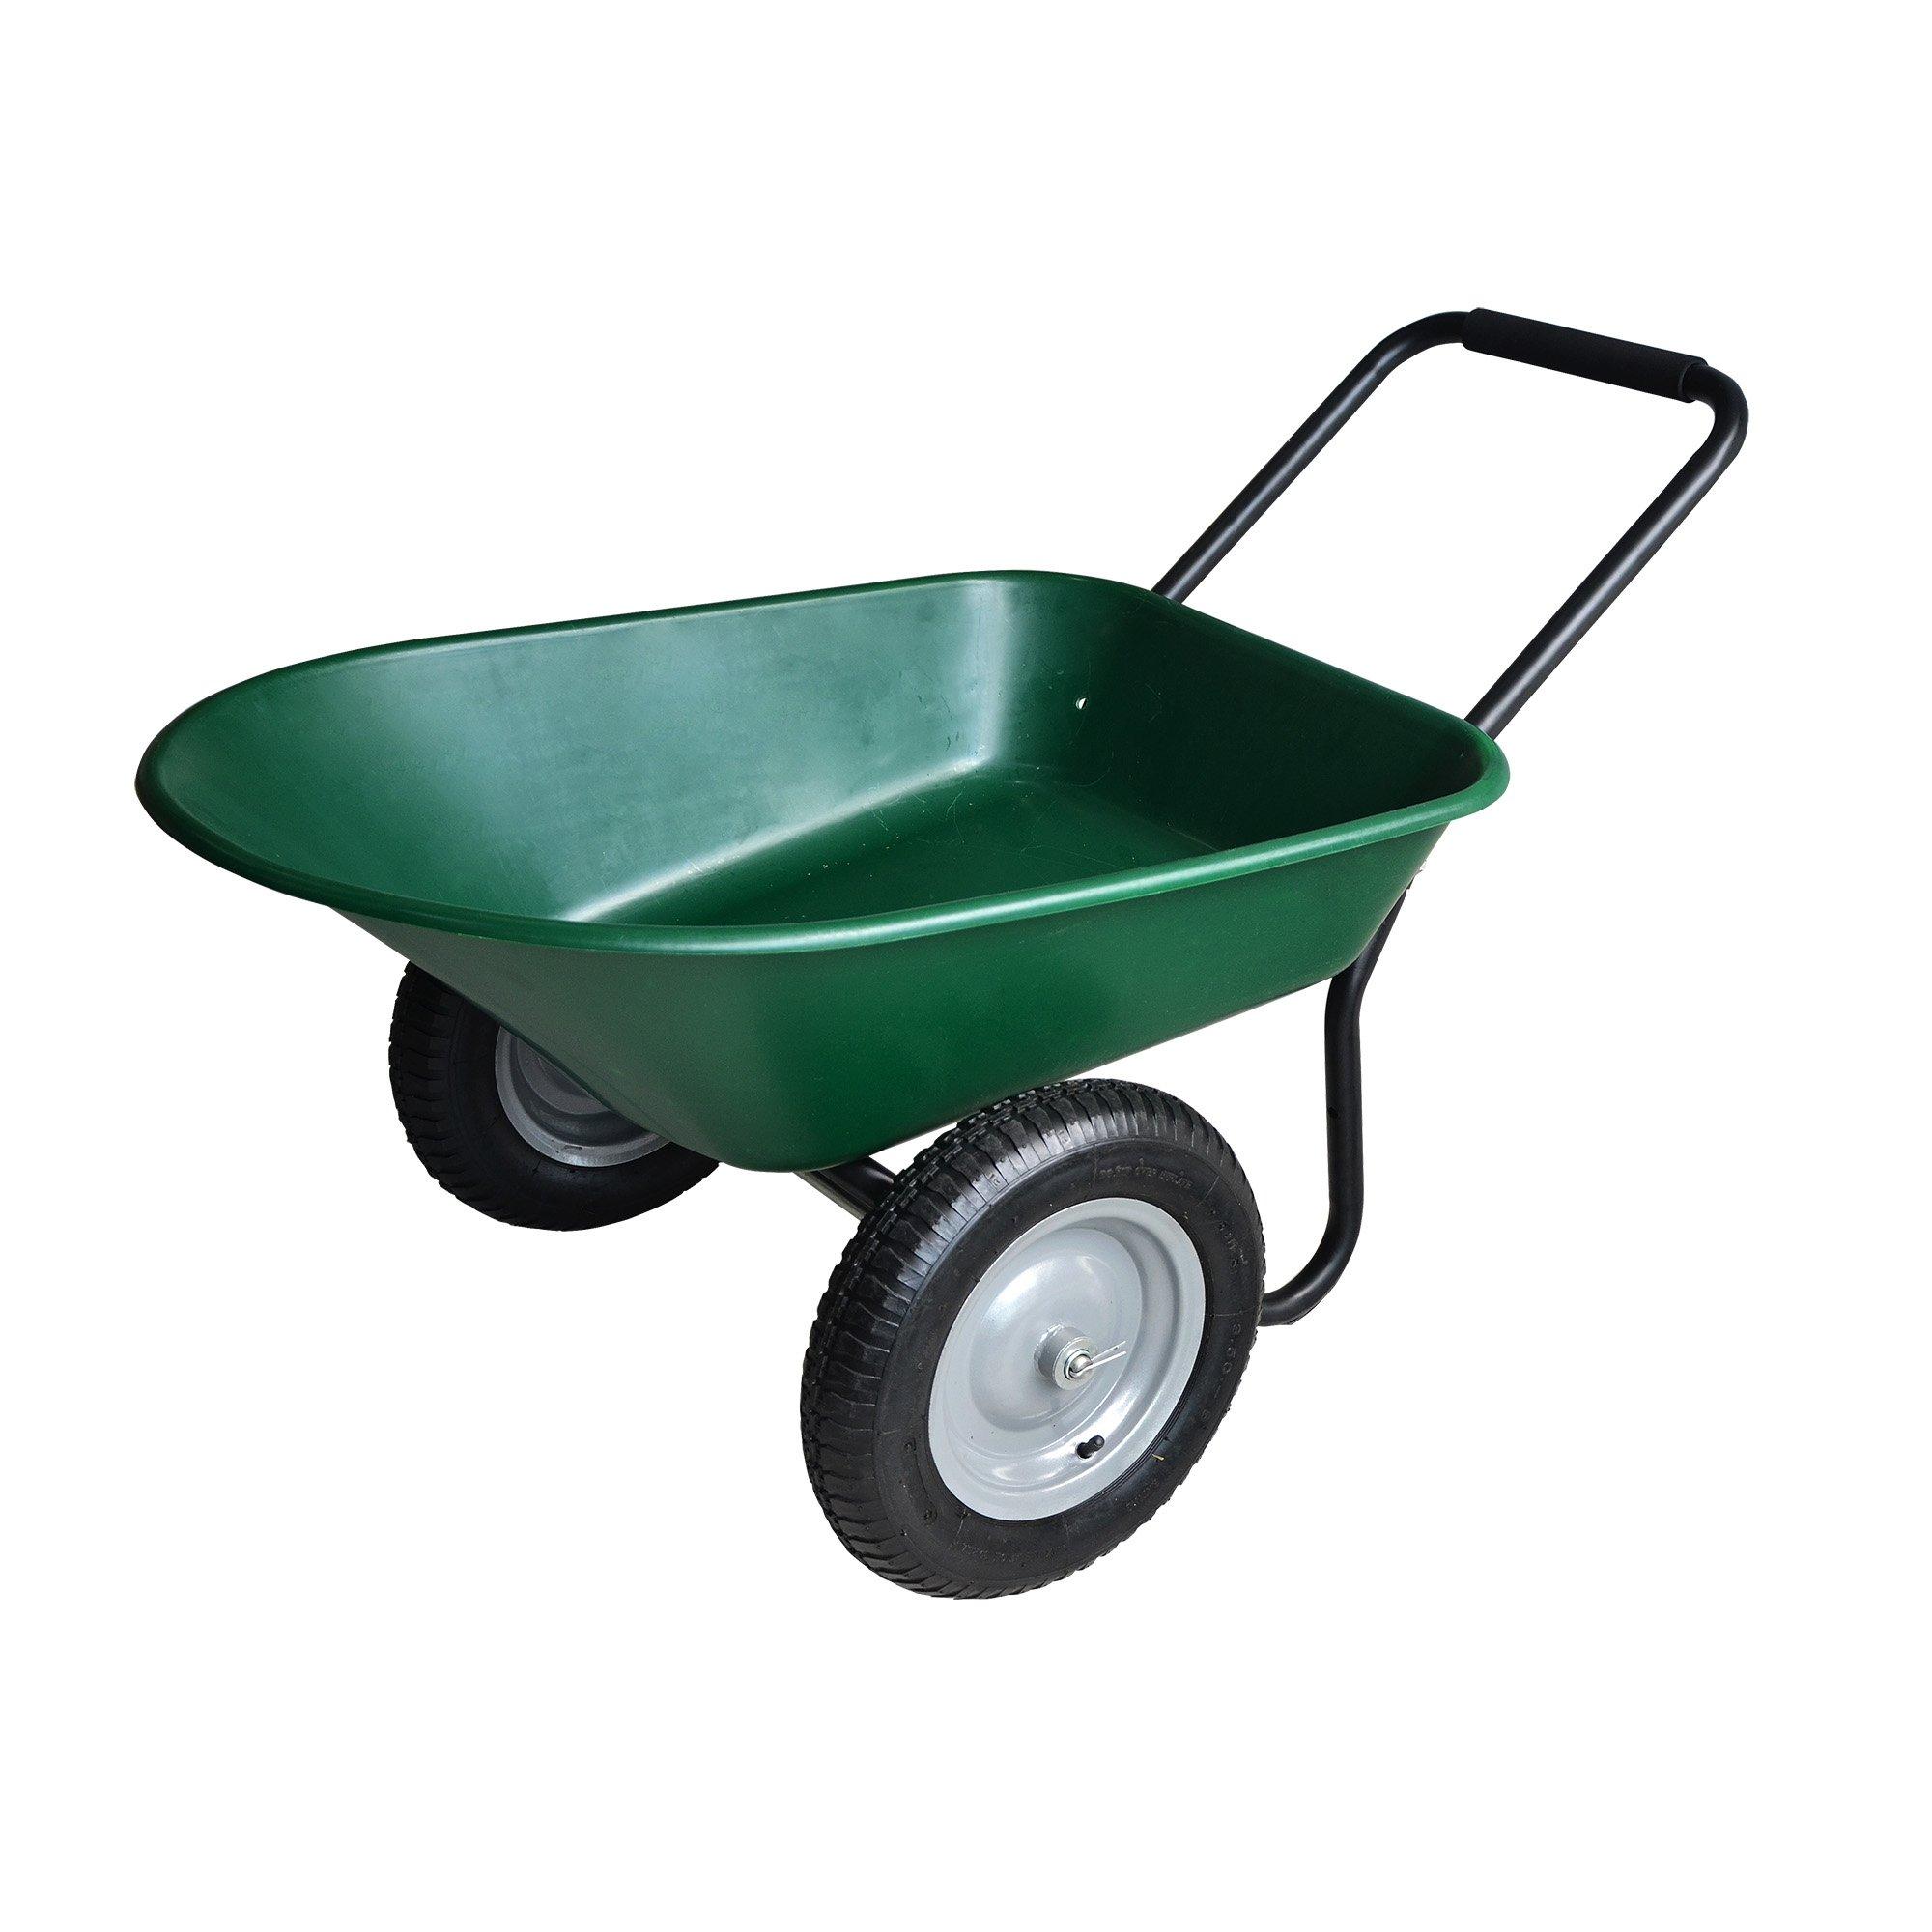 Sontax 73599 Garden Cart